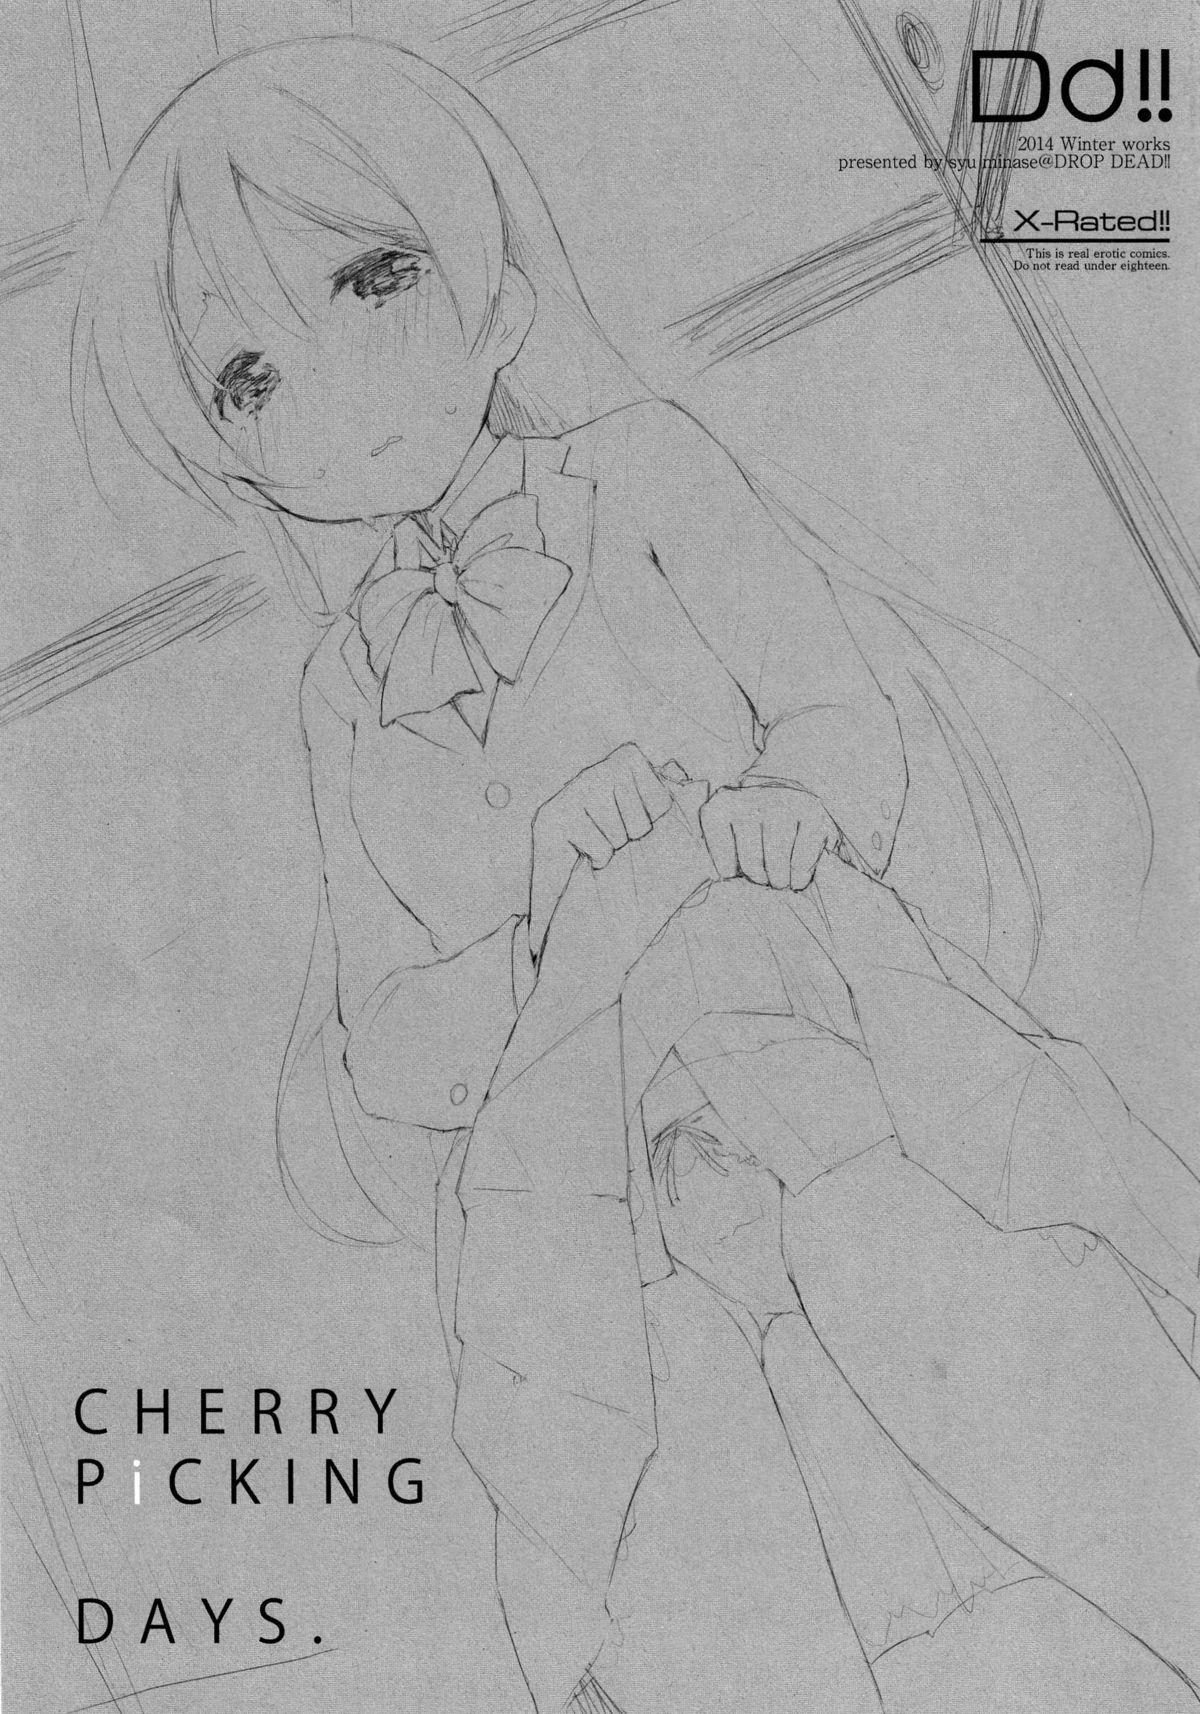 CHERRY PiCKING DAYS 2